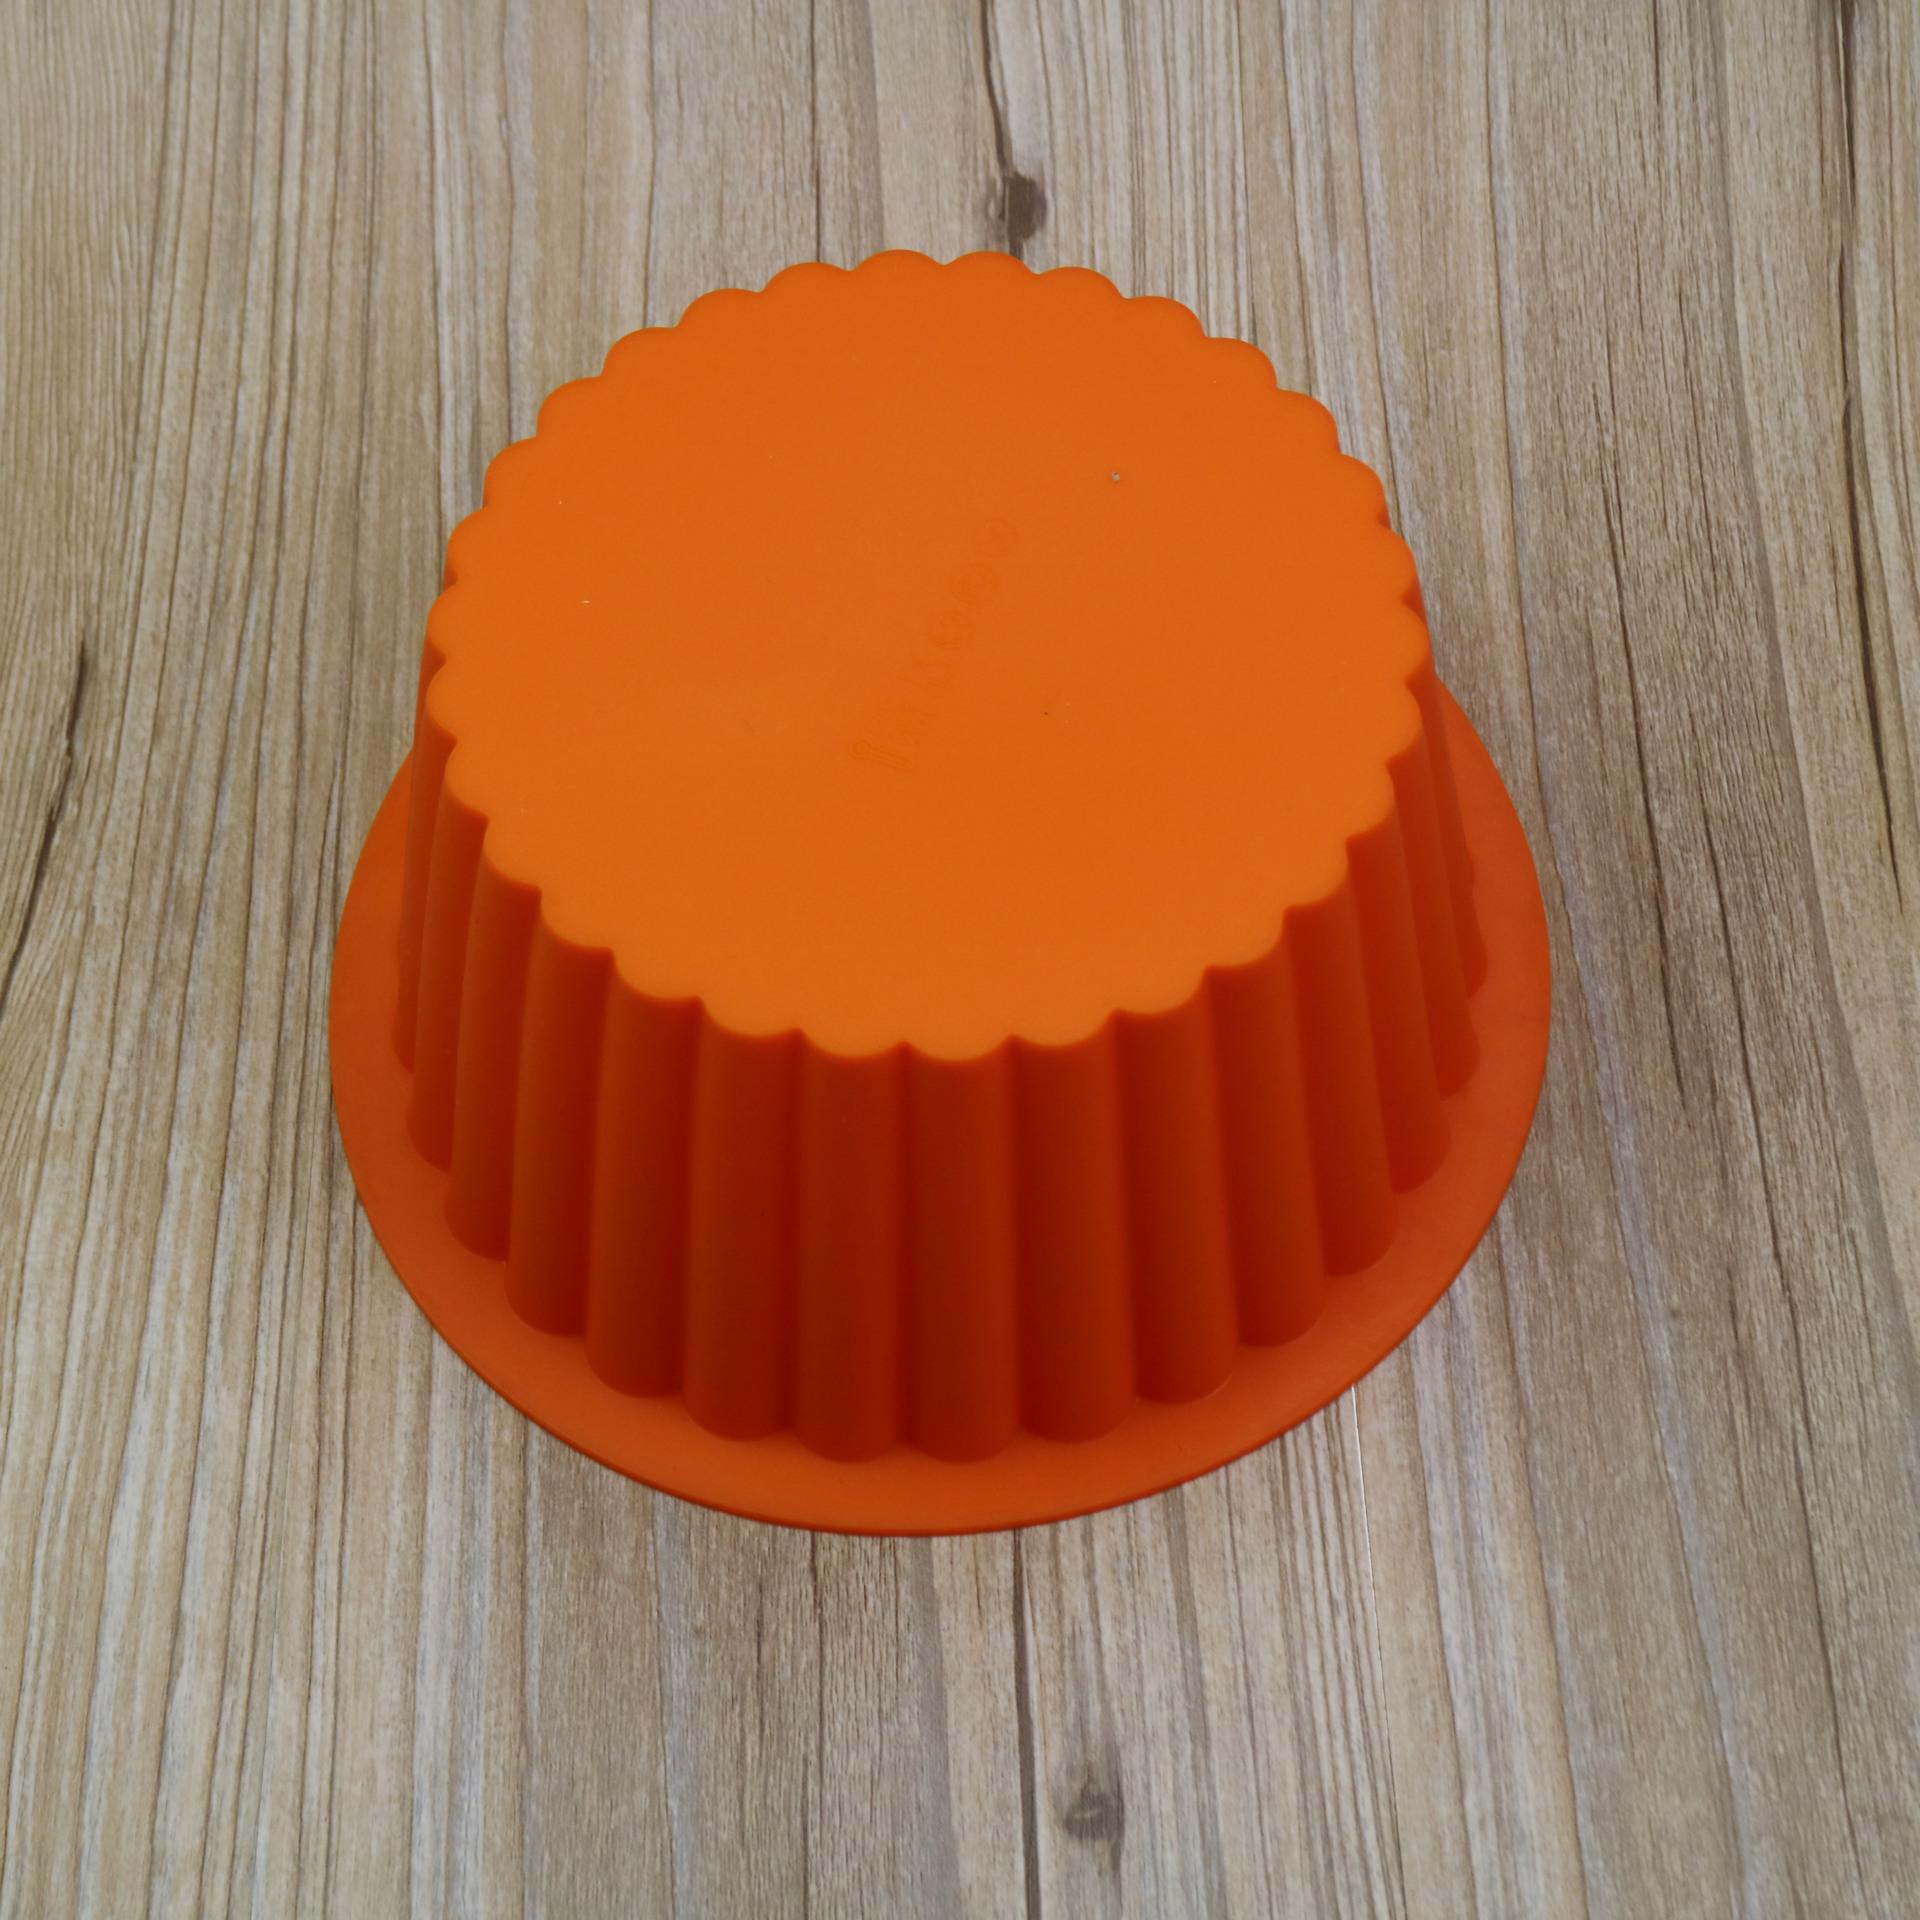 พิมพ์ซิลิโคน พิมพ์วุ้น รูปวงกลม 19*13.5*8.5 cm.